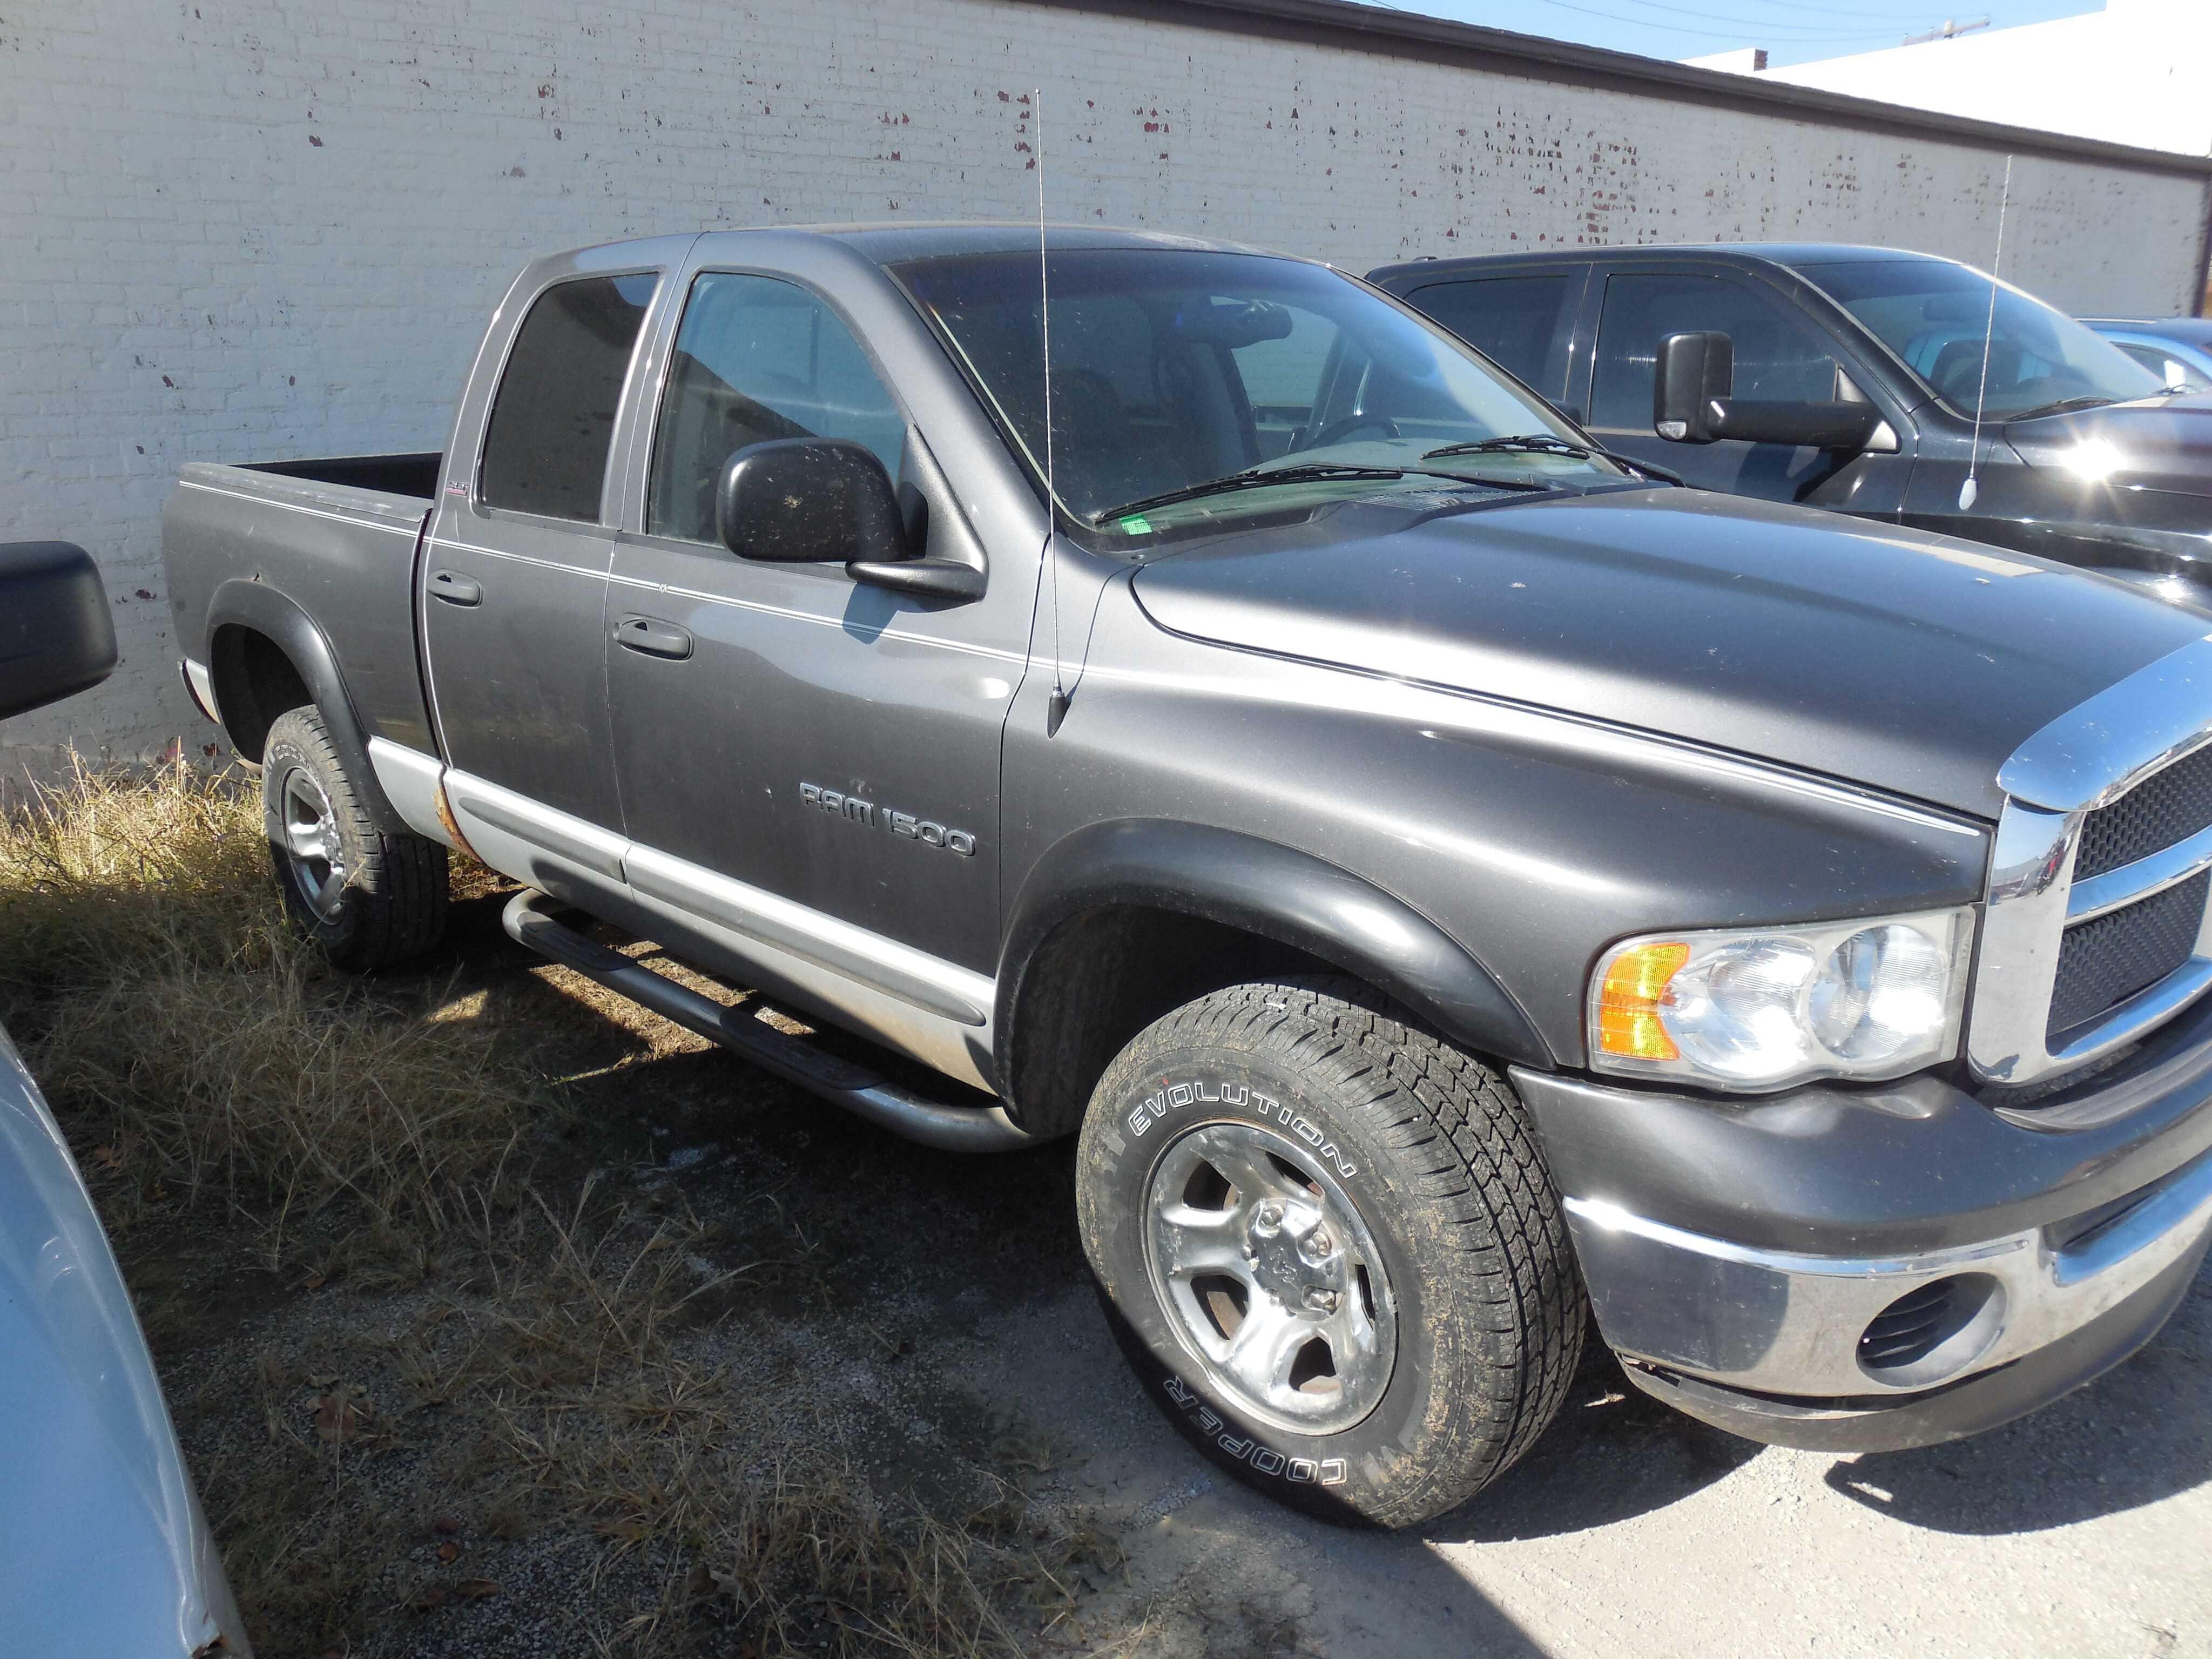 used Dodge Ram 1500 2002 vin: 1D7HU18N02S612127